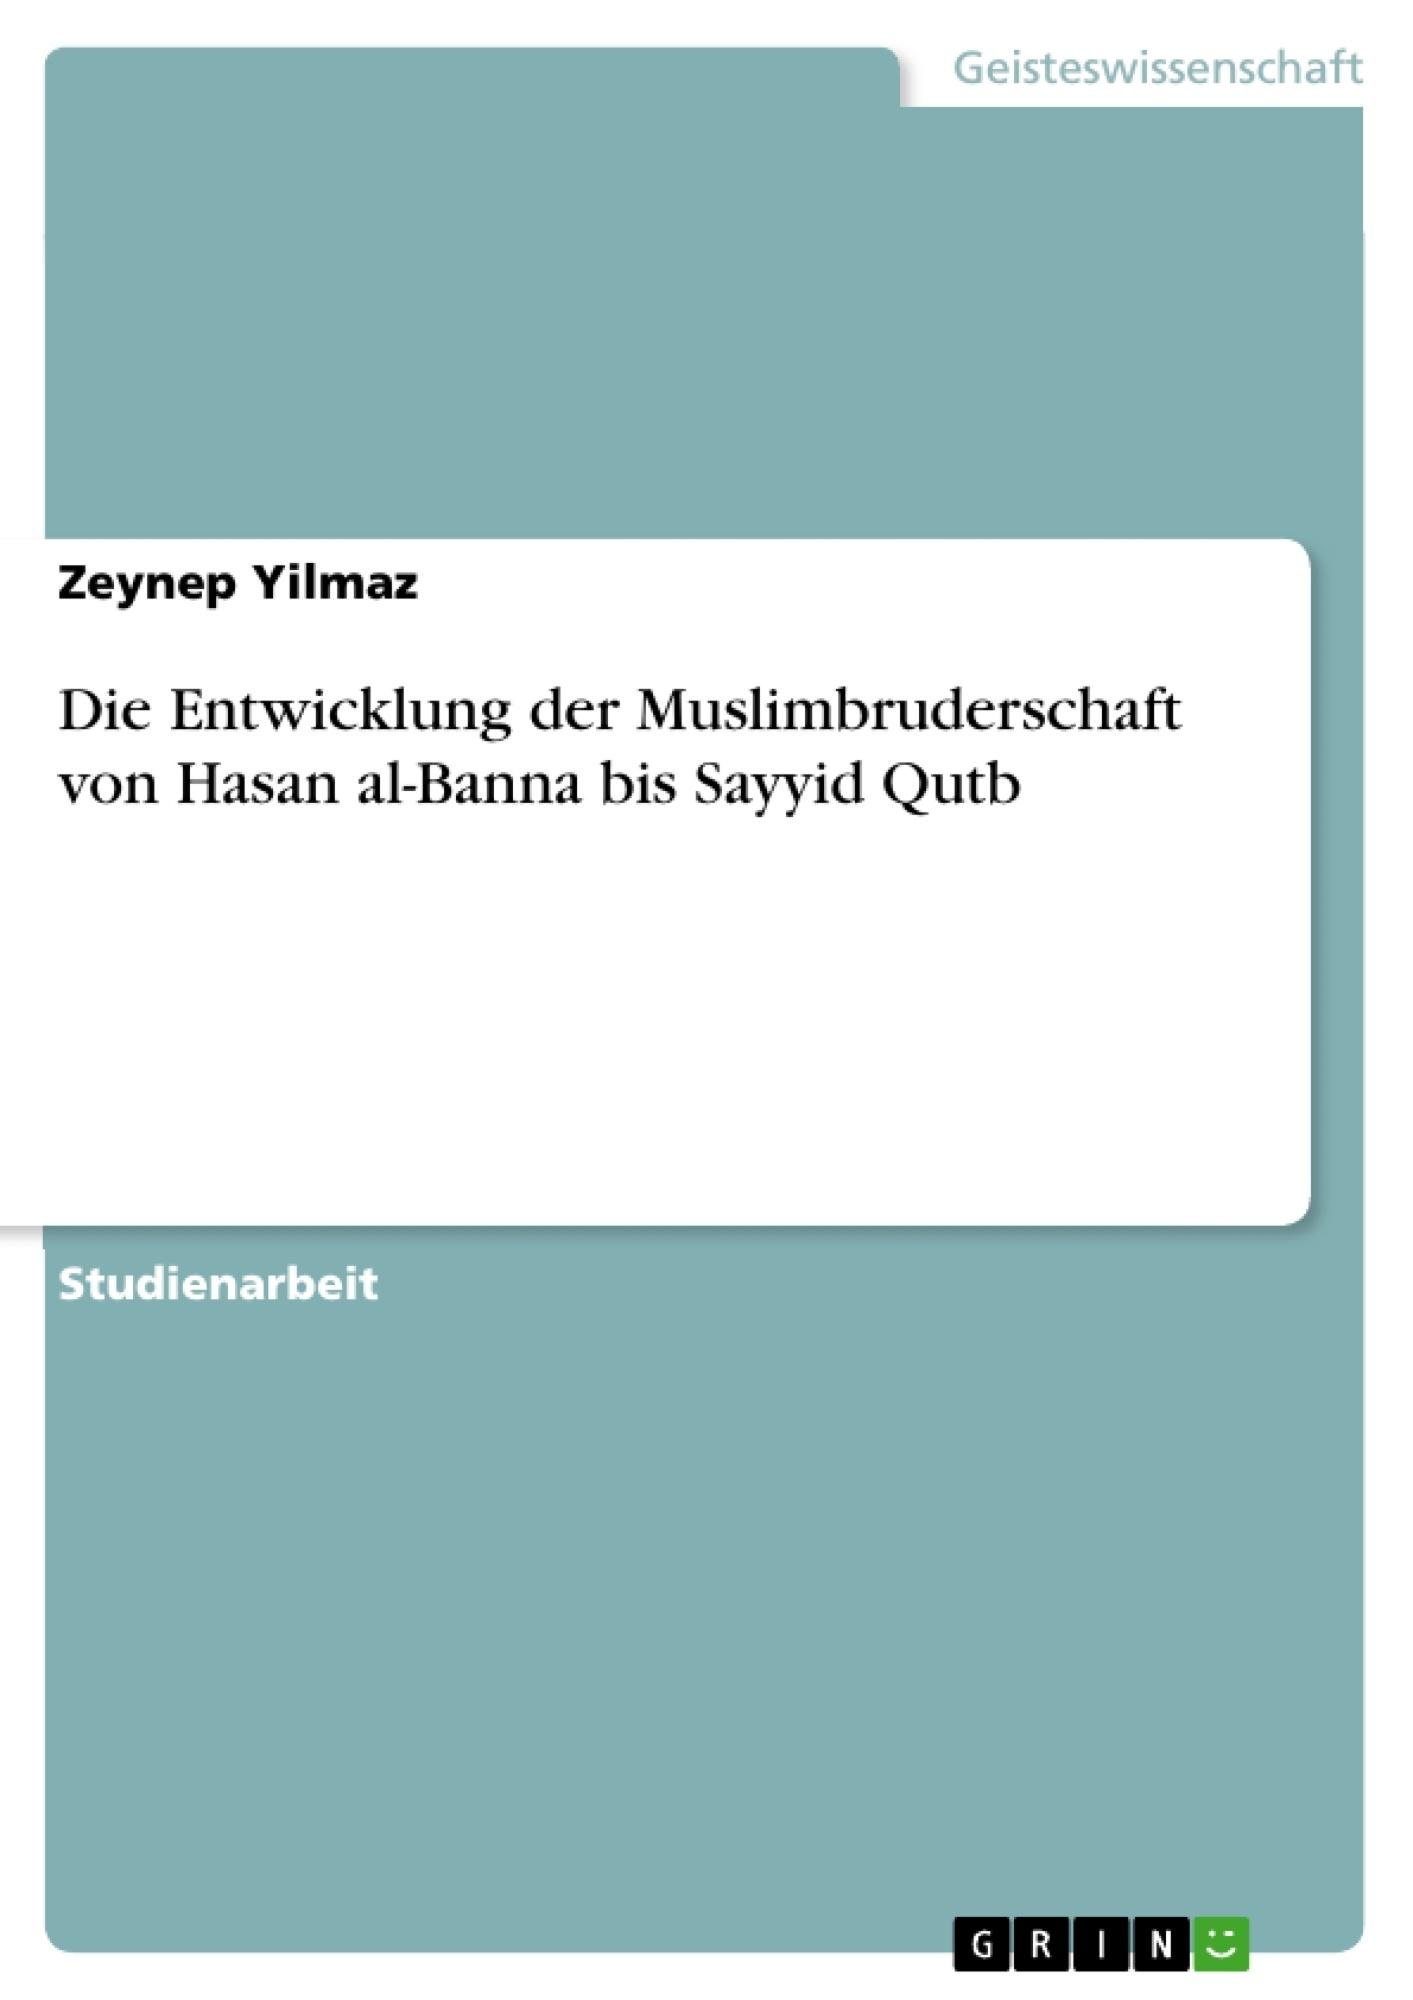 Titel: Die Entwicklung der Muslimbruderschaft von Hasan al-Banna bis Sayyid Qutb